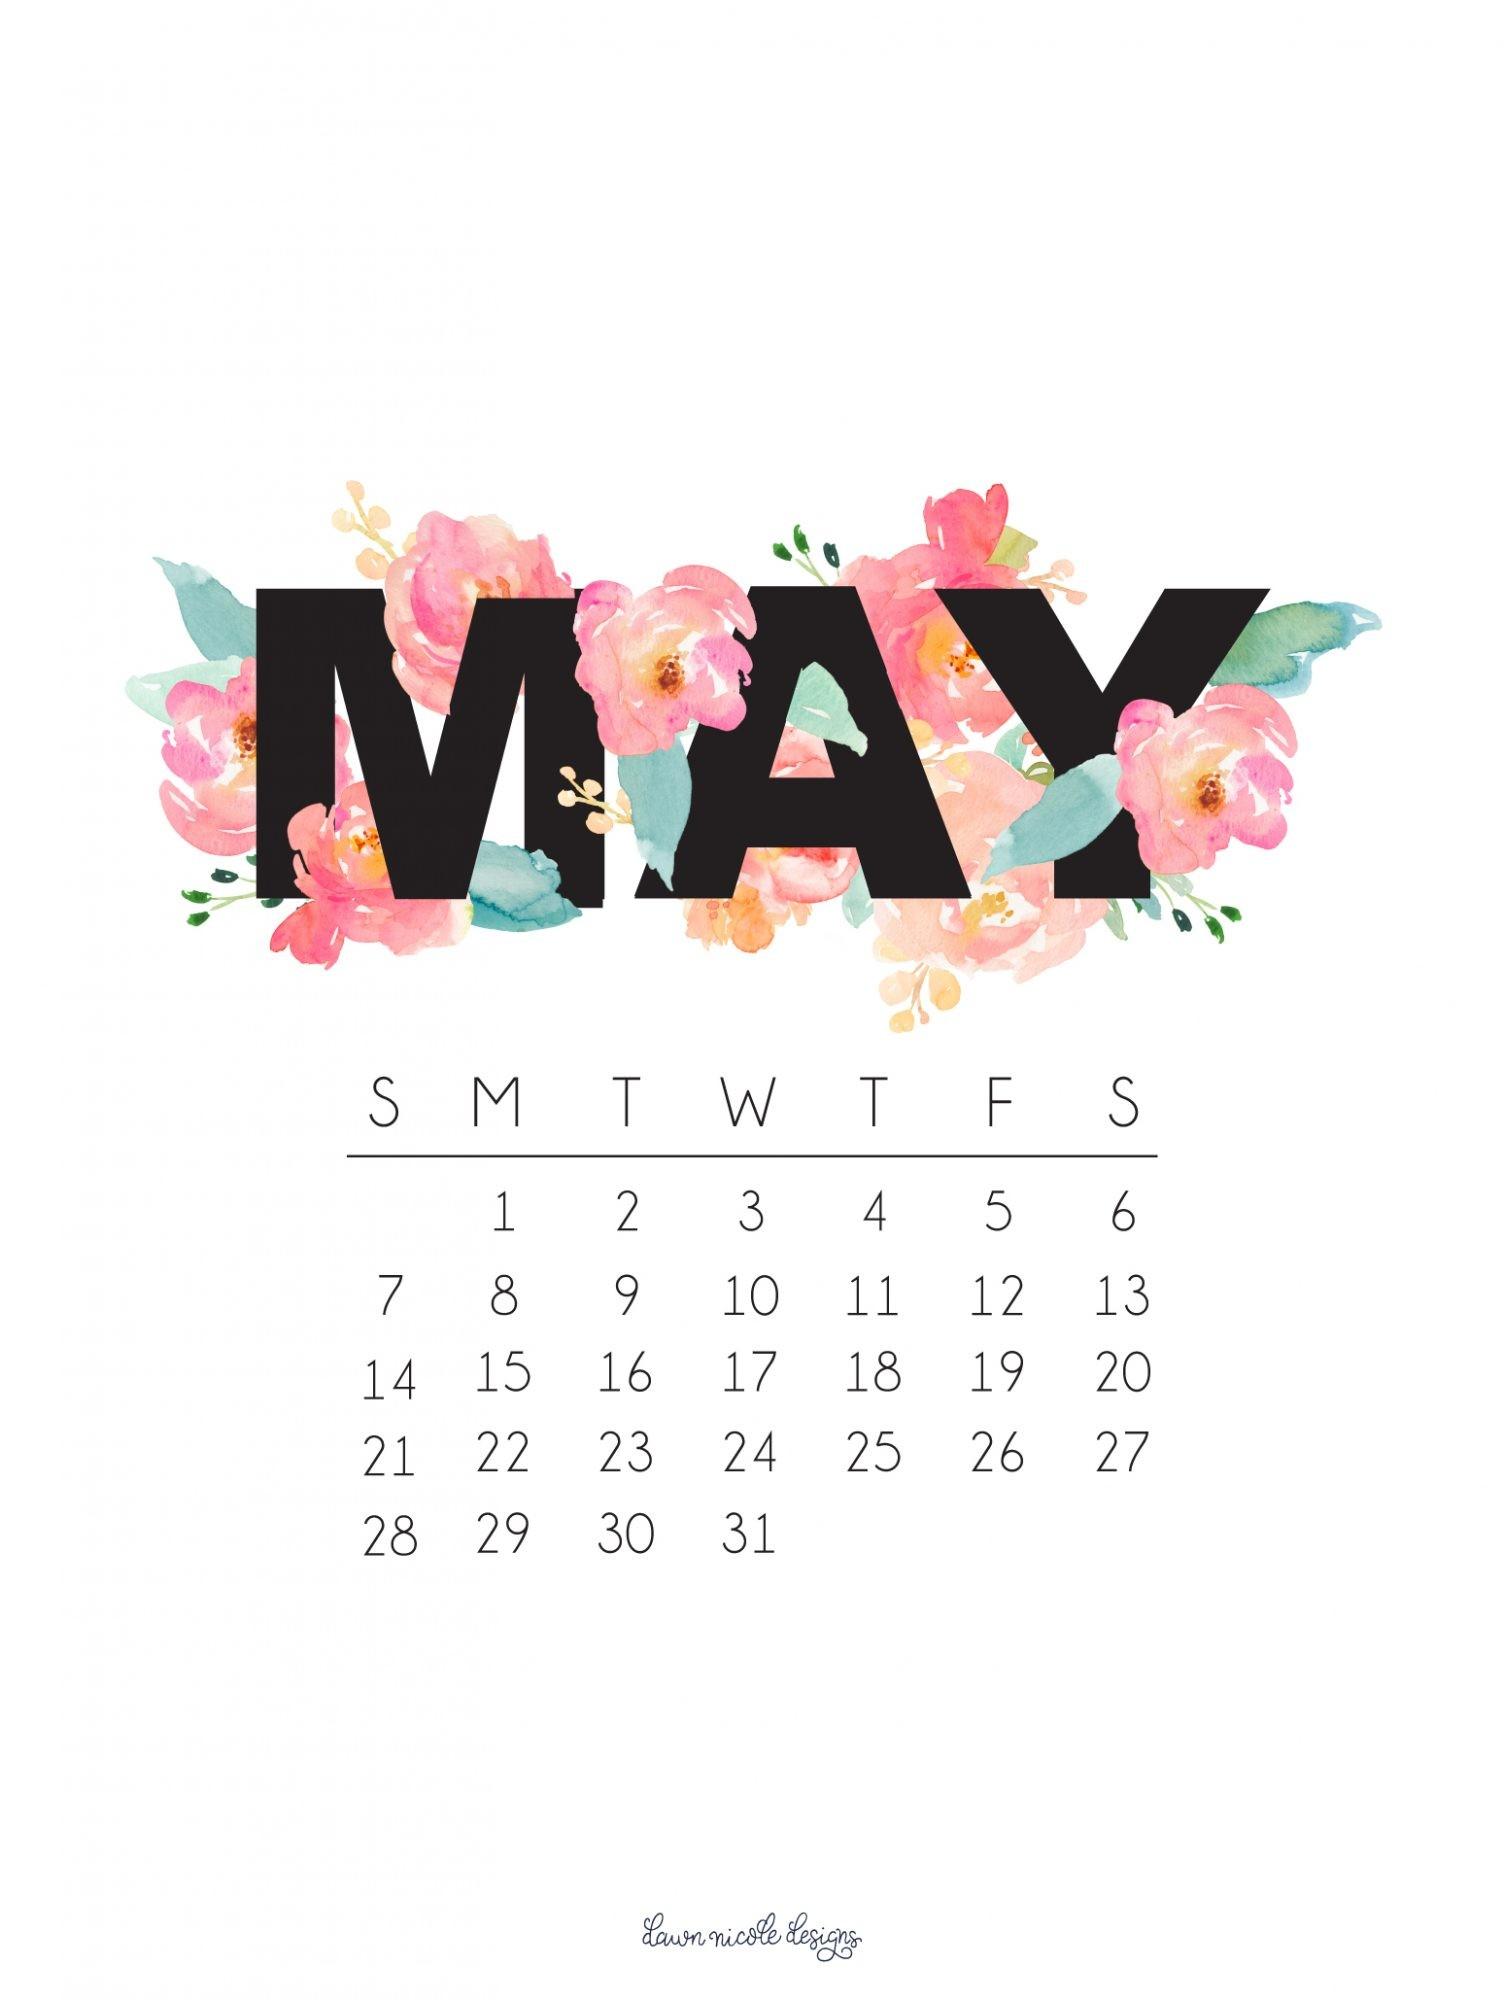 Desktop Wallpapers Calendar June 2018 52 images 1504x2000